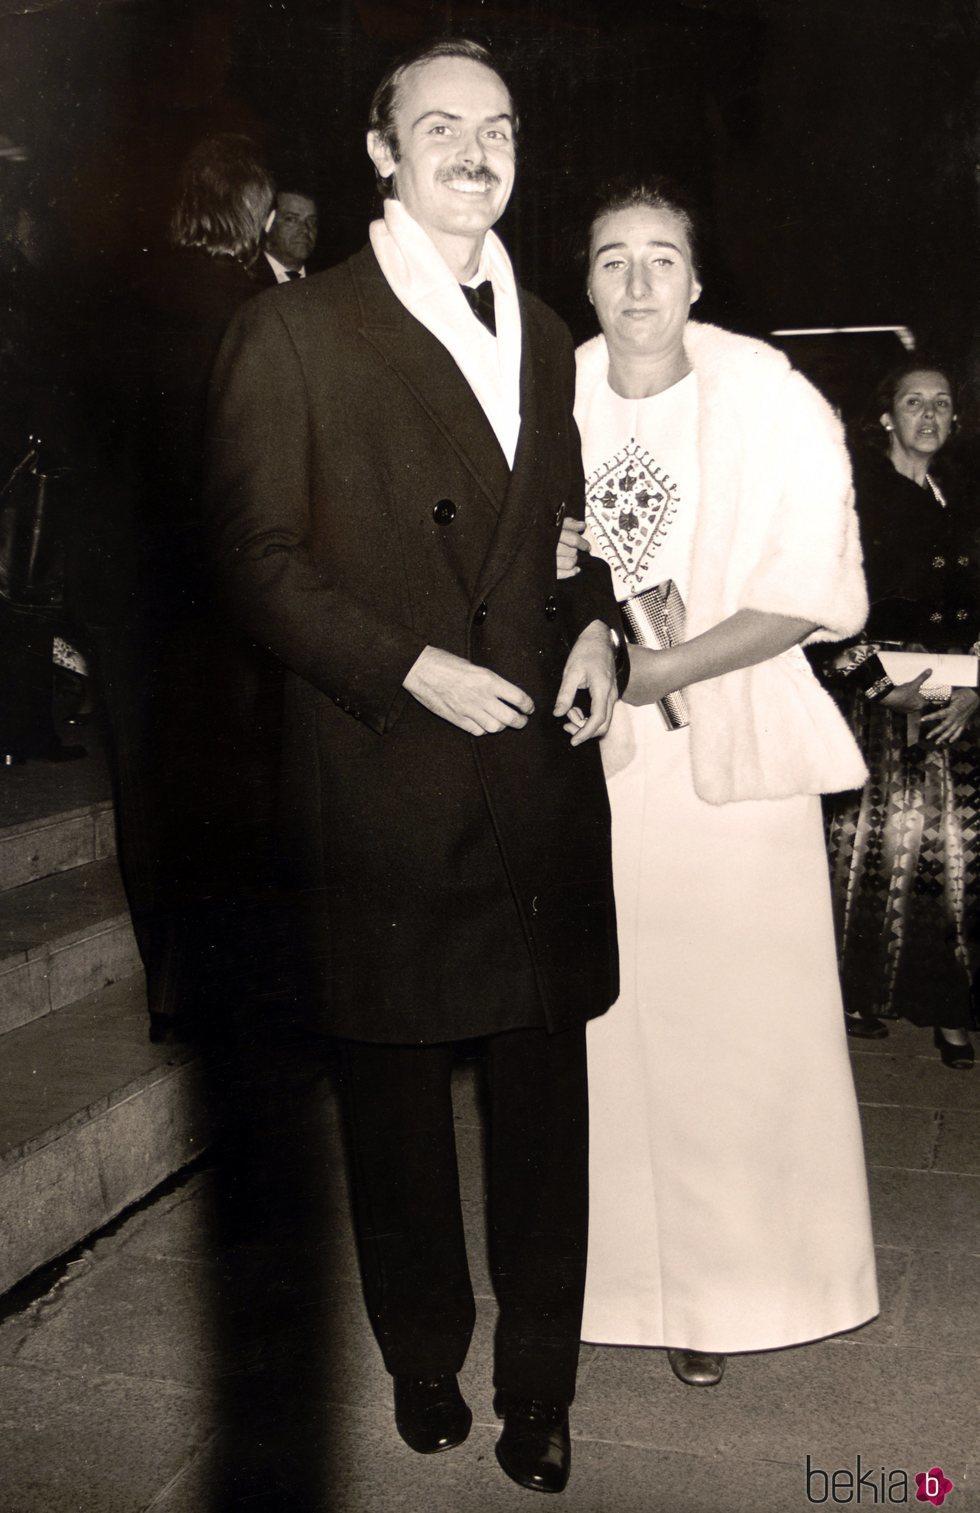 La Infanta Margarita y Carlos Zurita en los años 70